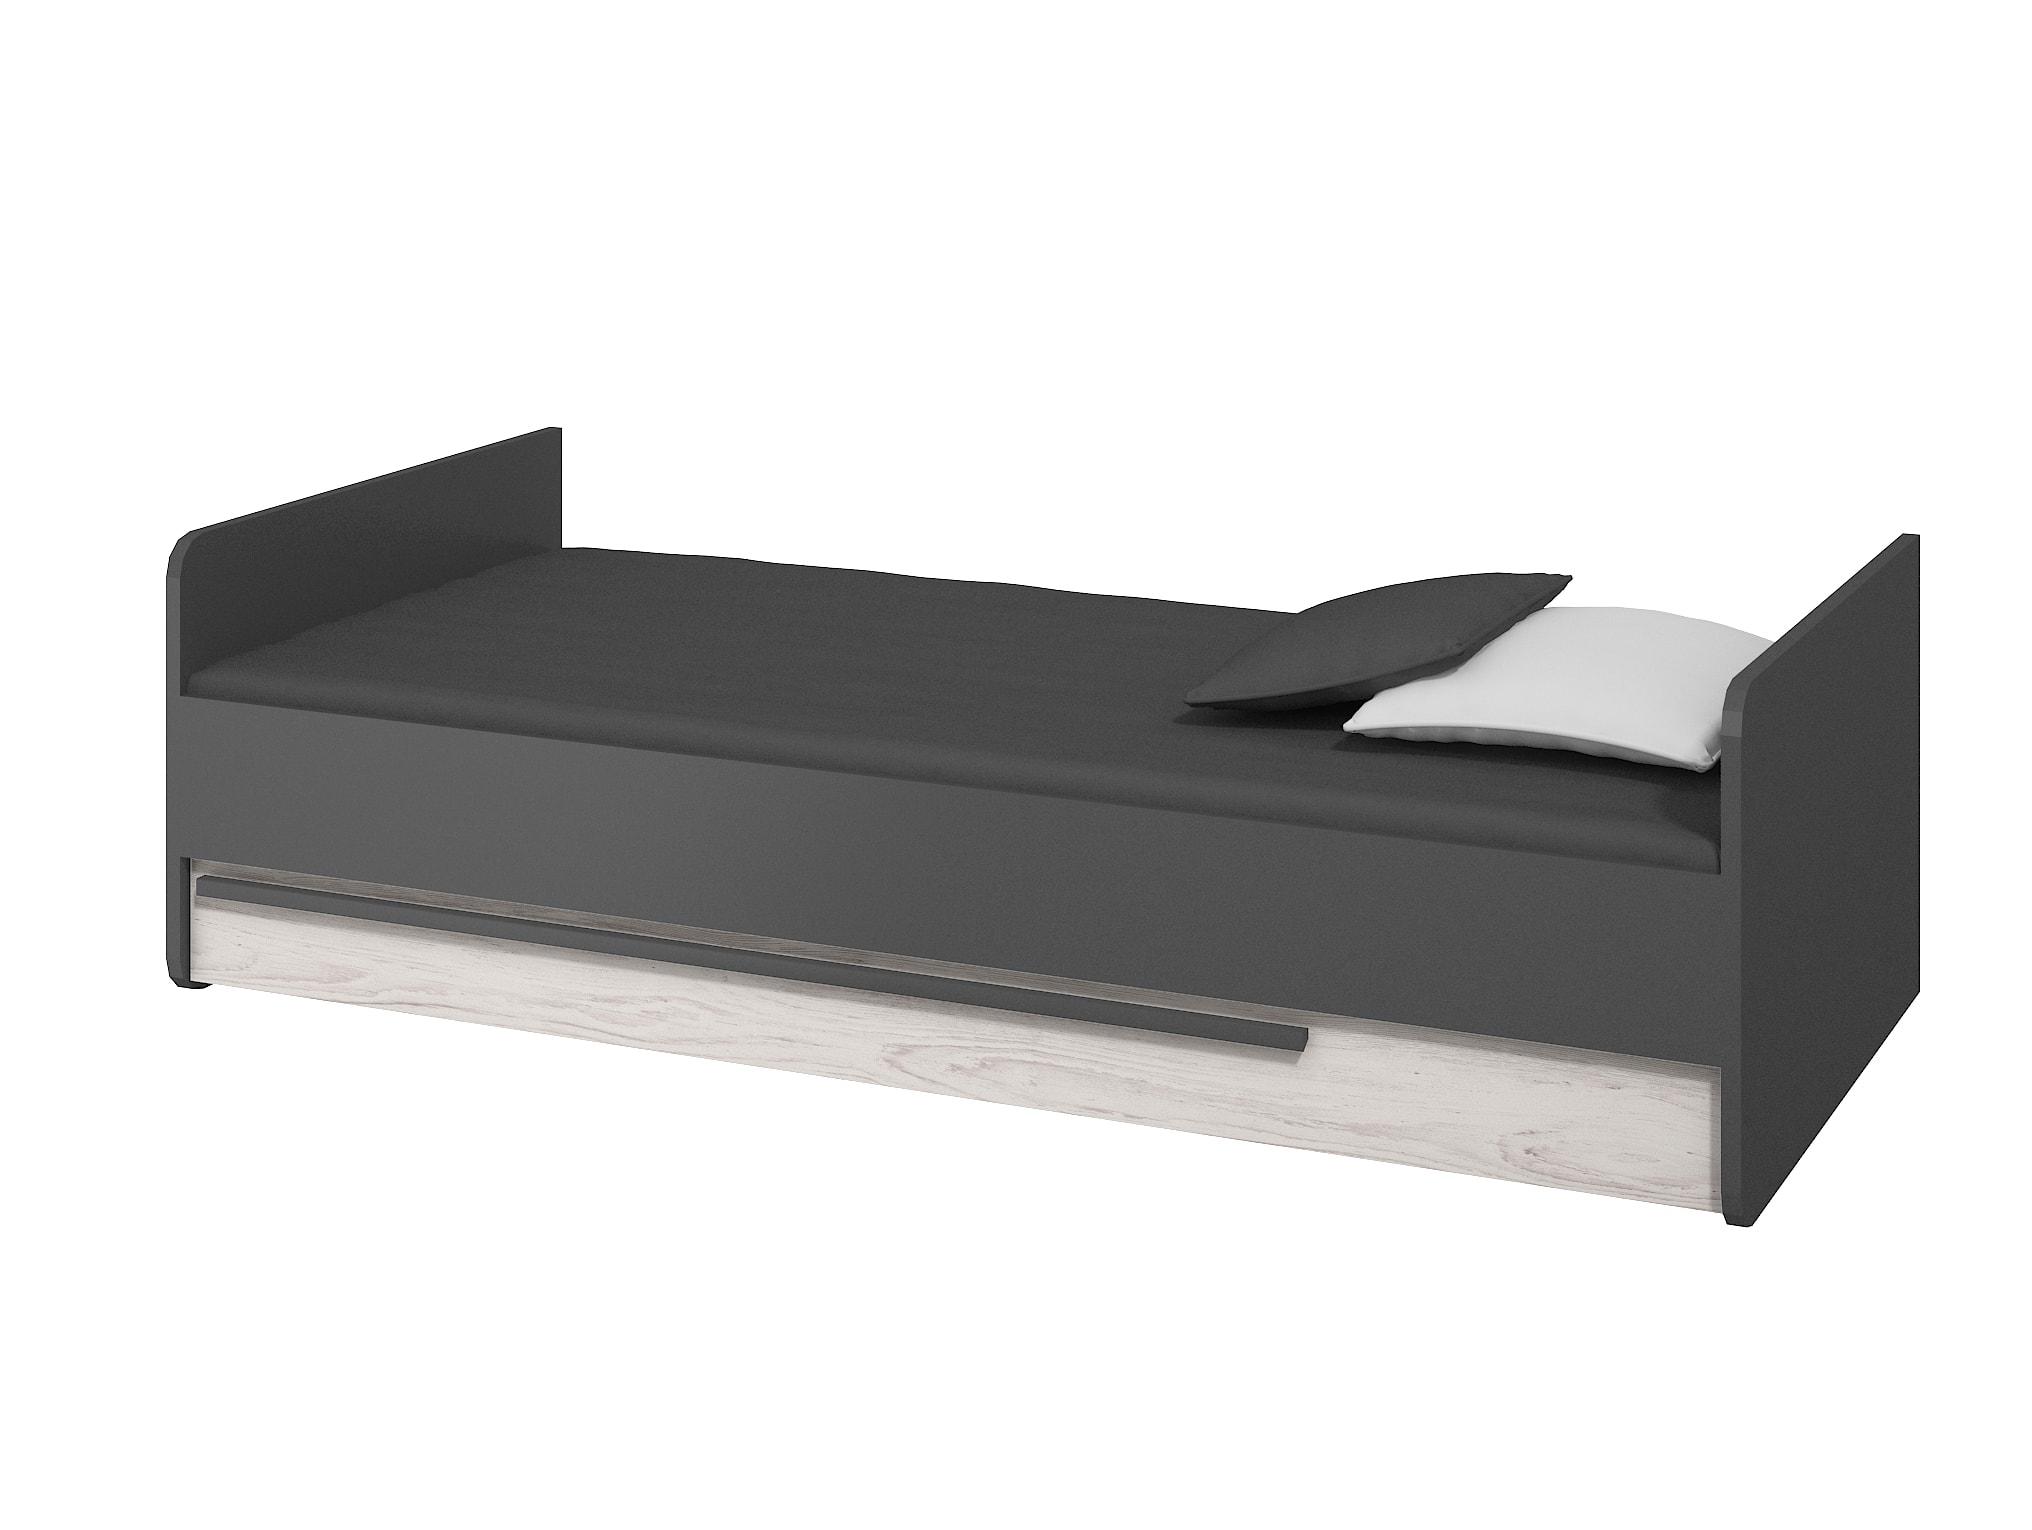 Jednolůžková postel 90 cm - Trent (s roštem a matrací)